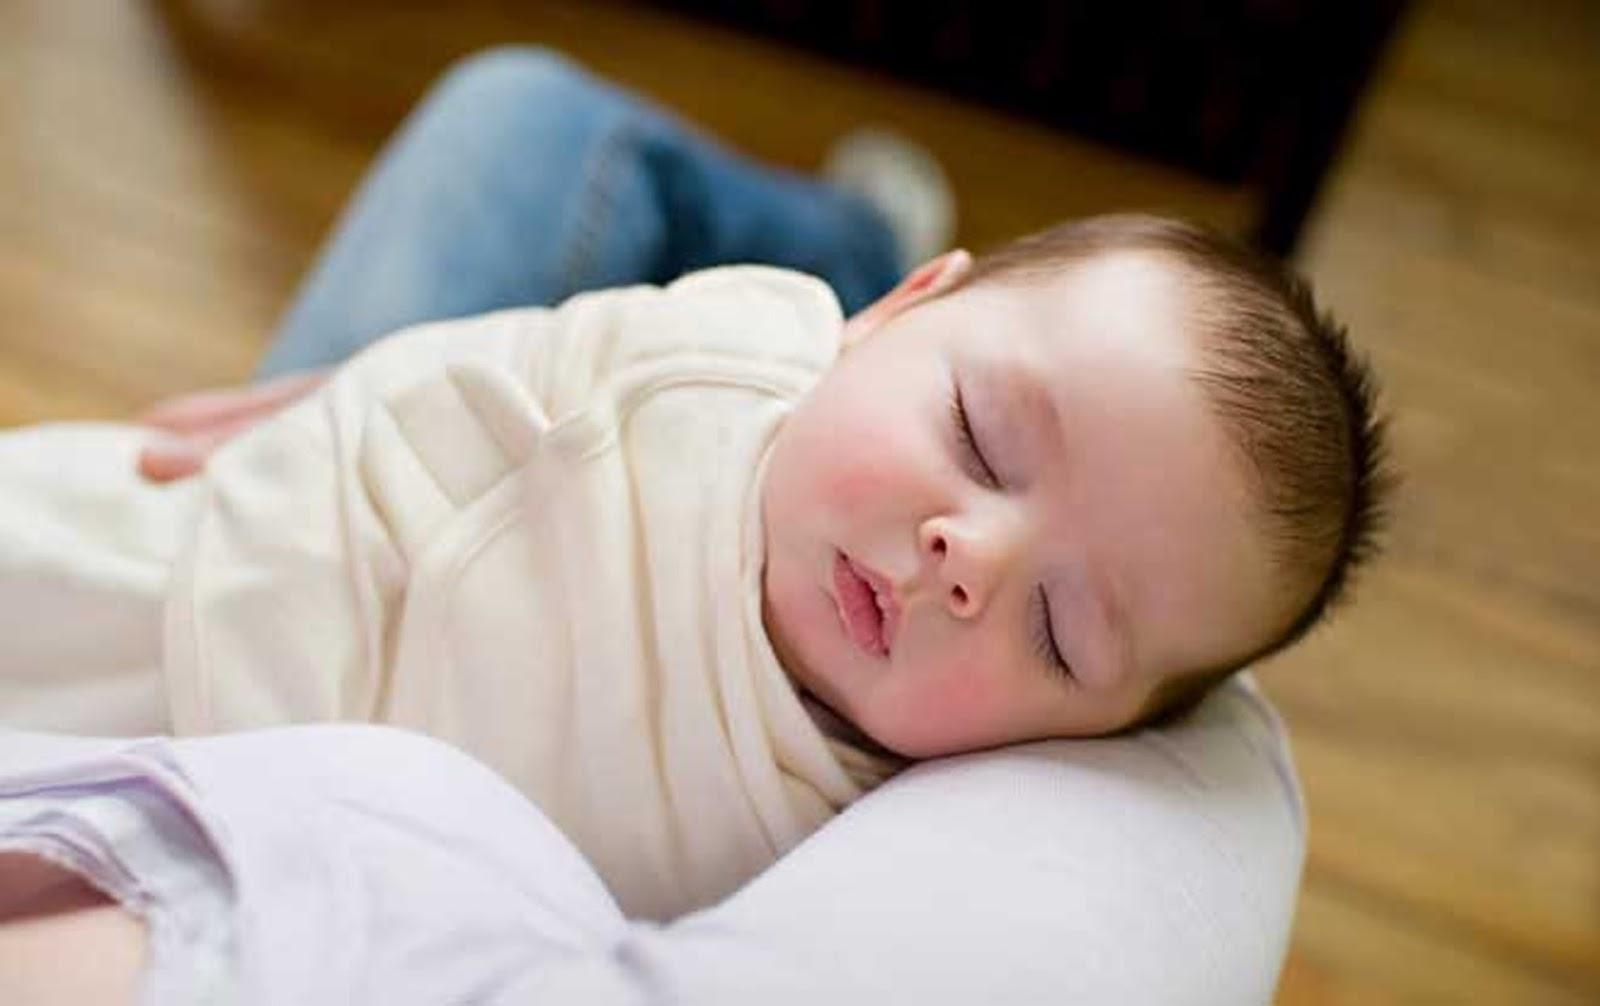 Triệu chứng - dấu hiệu sinh con thiếu tháng (đẻ non) mà mọi bà bầu cần phải biết